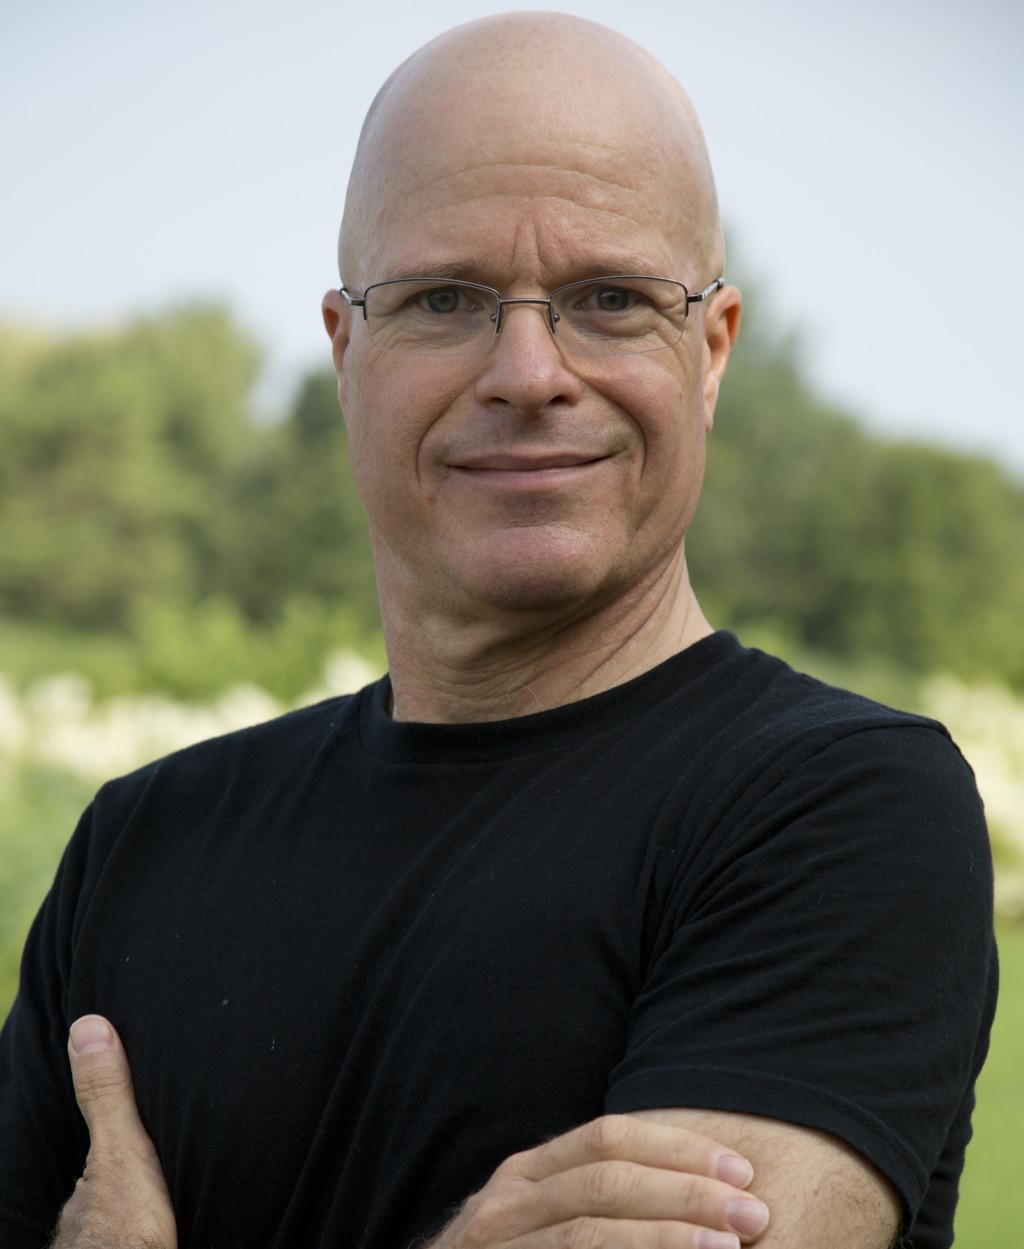 Personal Trainer Evanston, Illinois - Greg Slocum